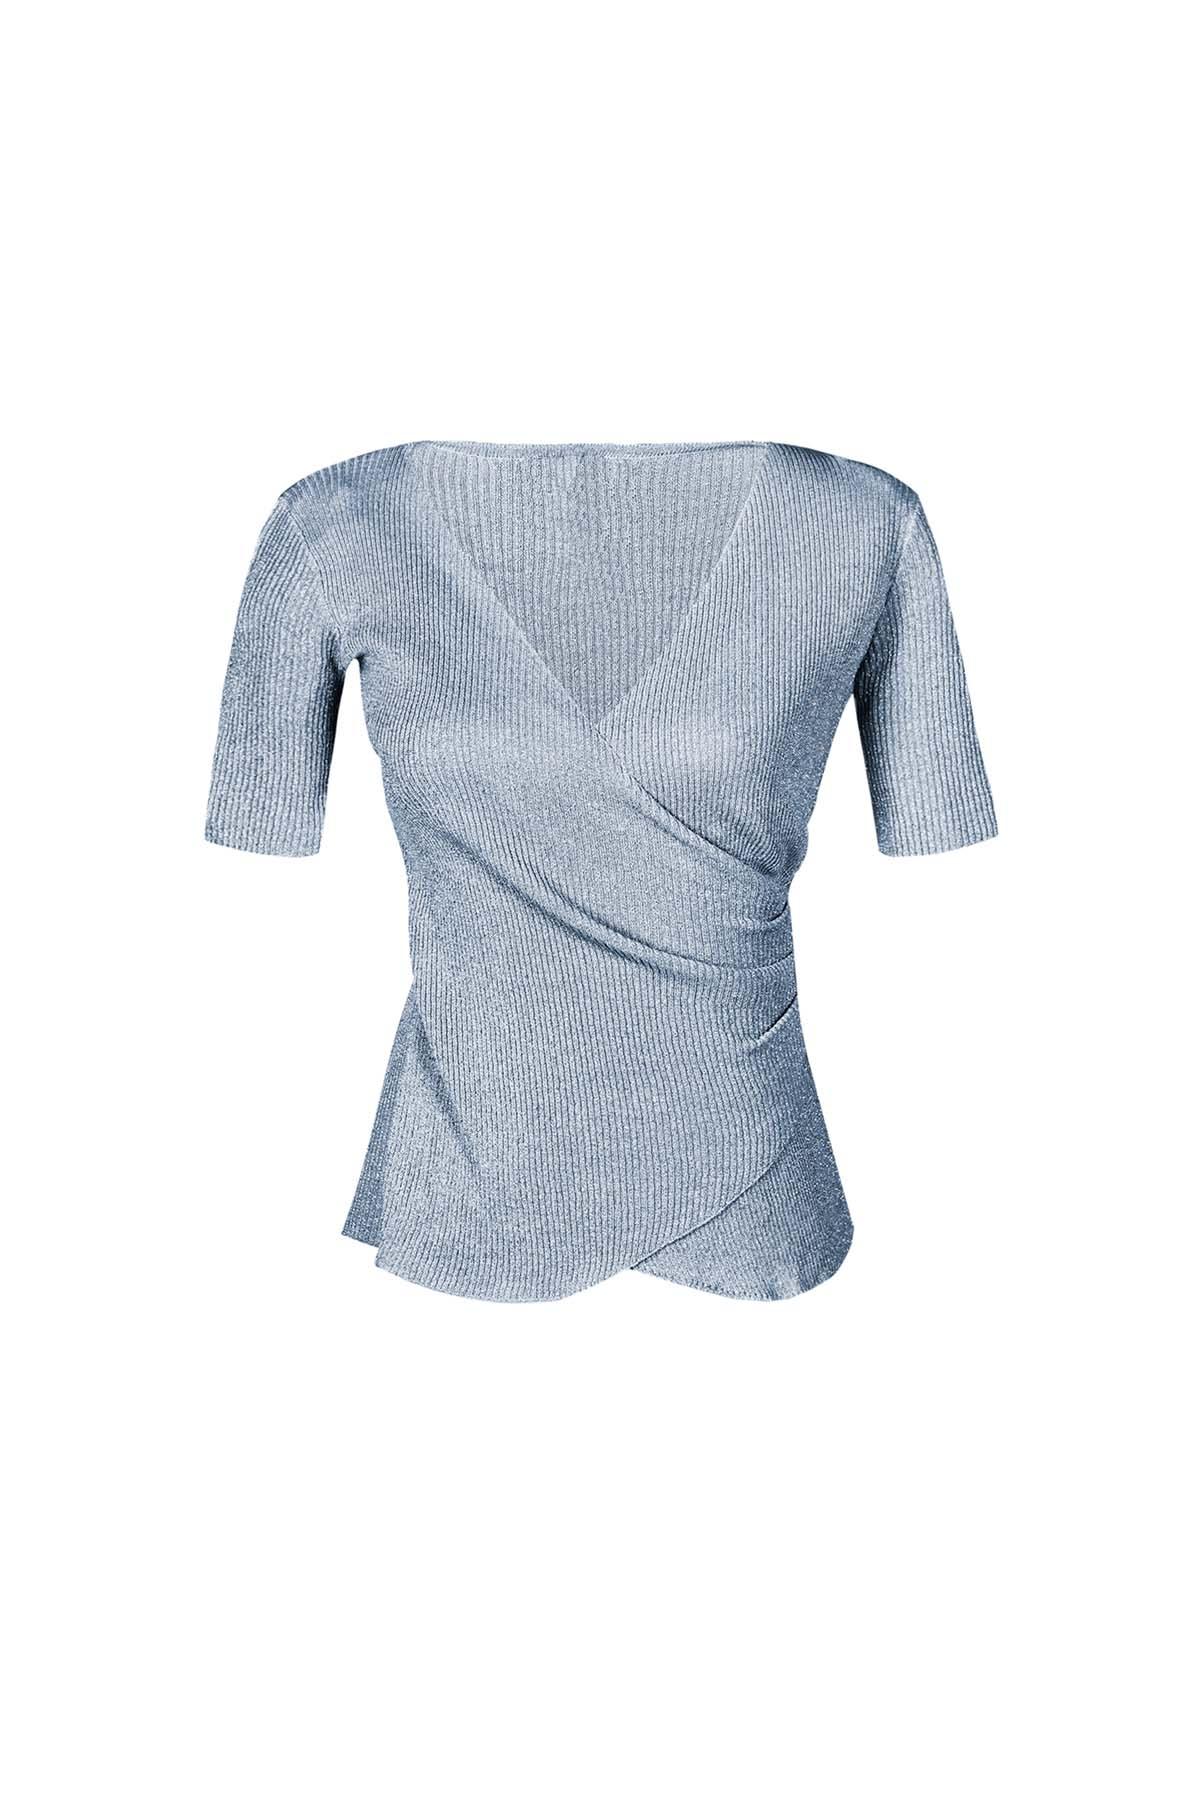 Teria Yabar - Jersey de canalé azul